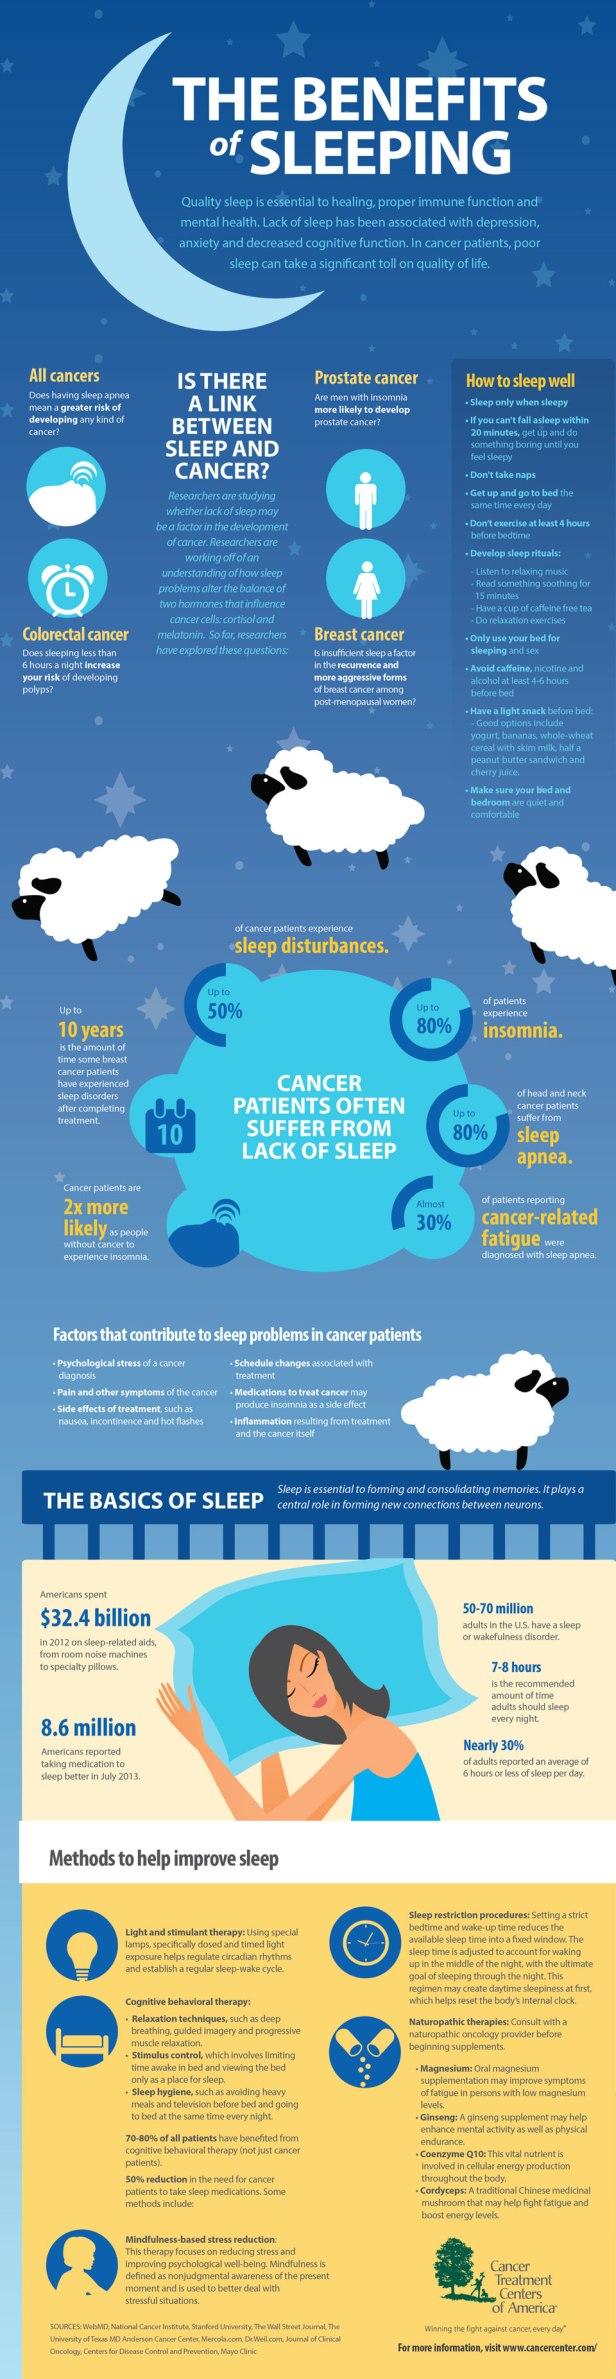 infographic-Sleep-Benefits